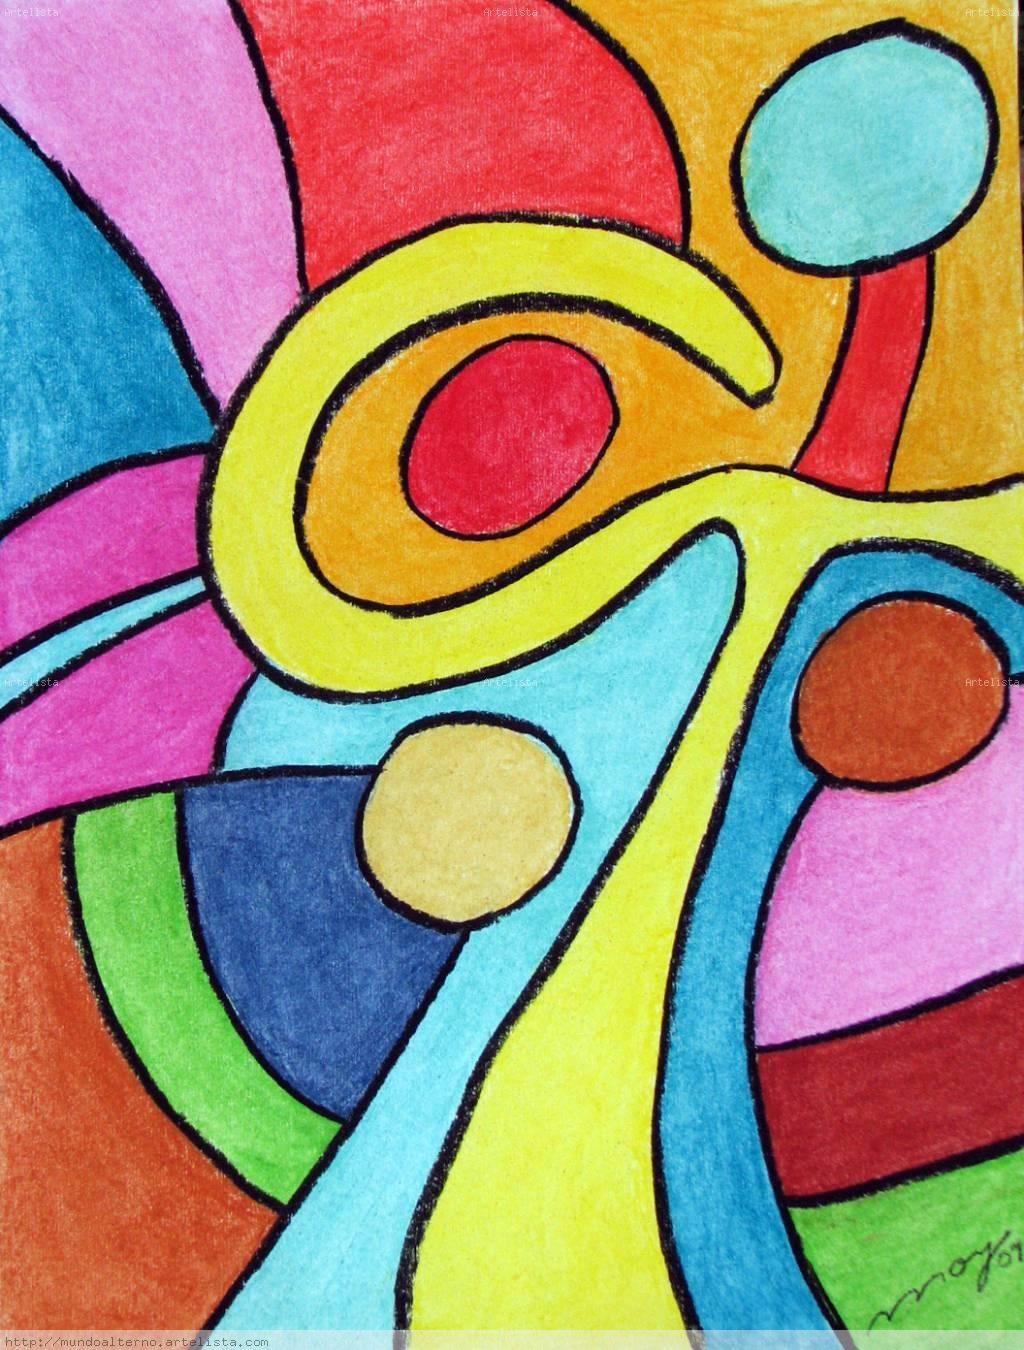 Resultado De Imagen Para Pinturas Abstractas Faciles De Hacer Arte Abstracto Facil Dibujos Abstractos Pinturas Abstractas